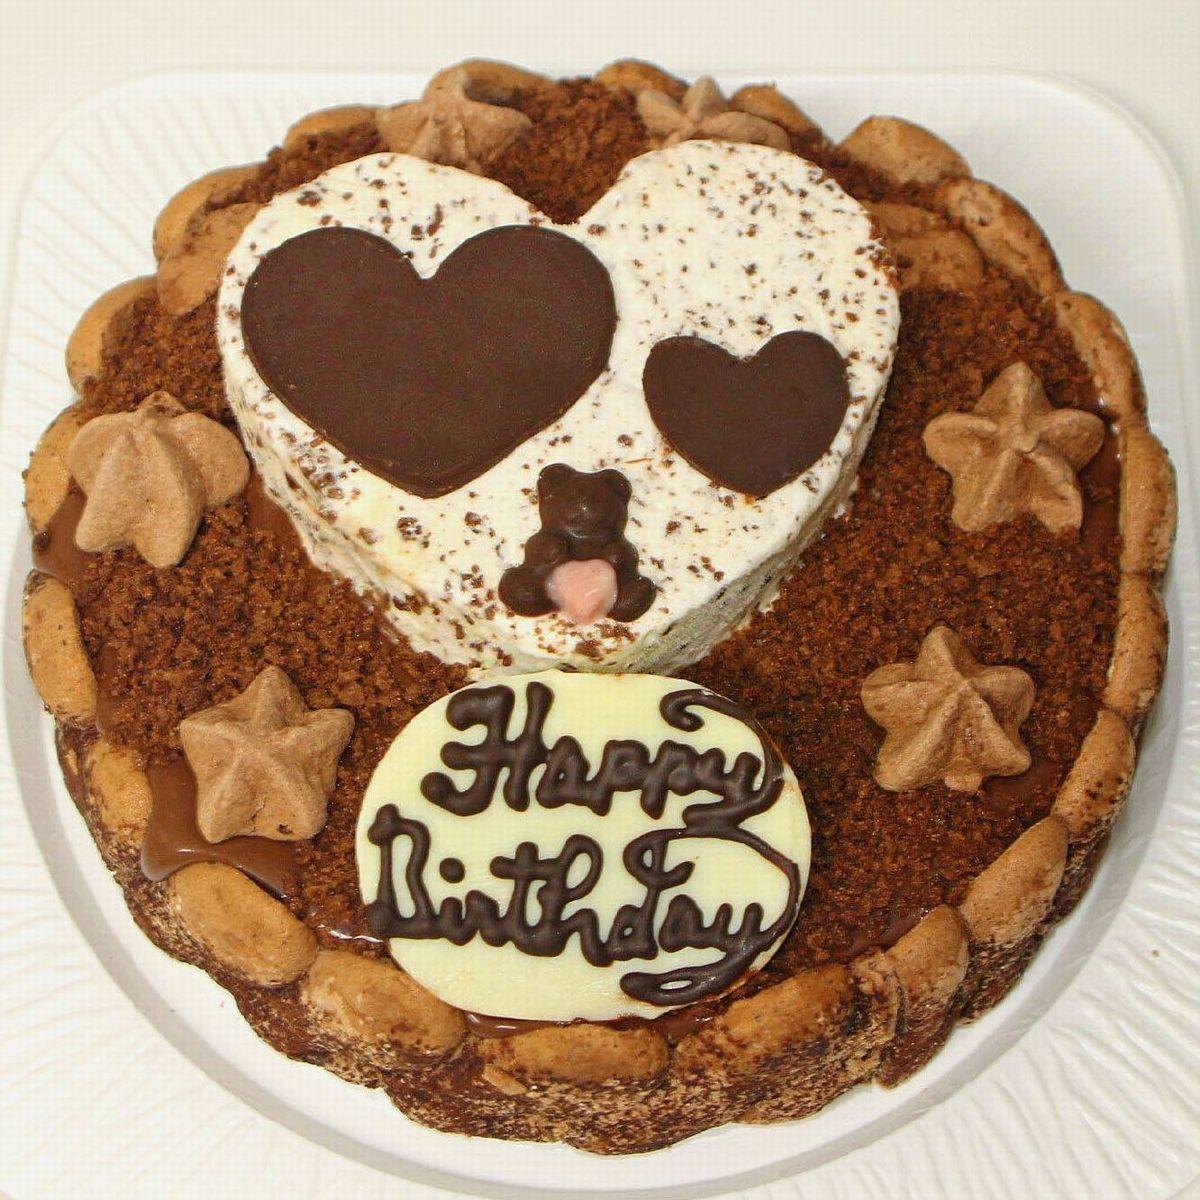 誕生日ケーキ・バースデーケーキ・アニバーサリーケーキに!  ハートチョコアイスケーキ 誕生日 バースデー 記念日 ギフト プレゼント チョコケーキ デコレーション 子供 女性 人気スイーツ かわいい メッセージ インスタ栄え サプライズ オリジナル ハートケーキ